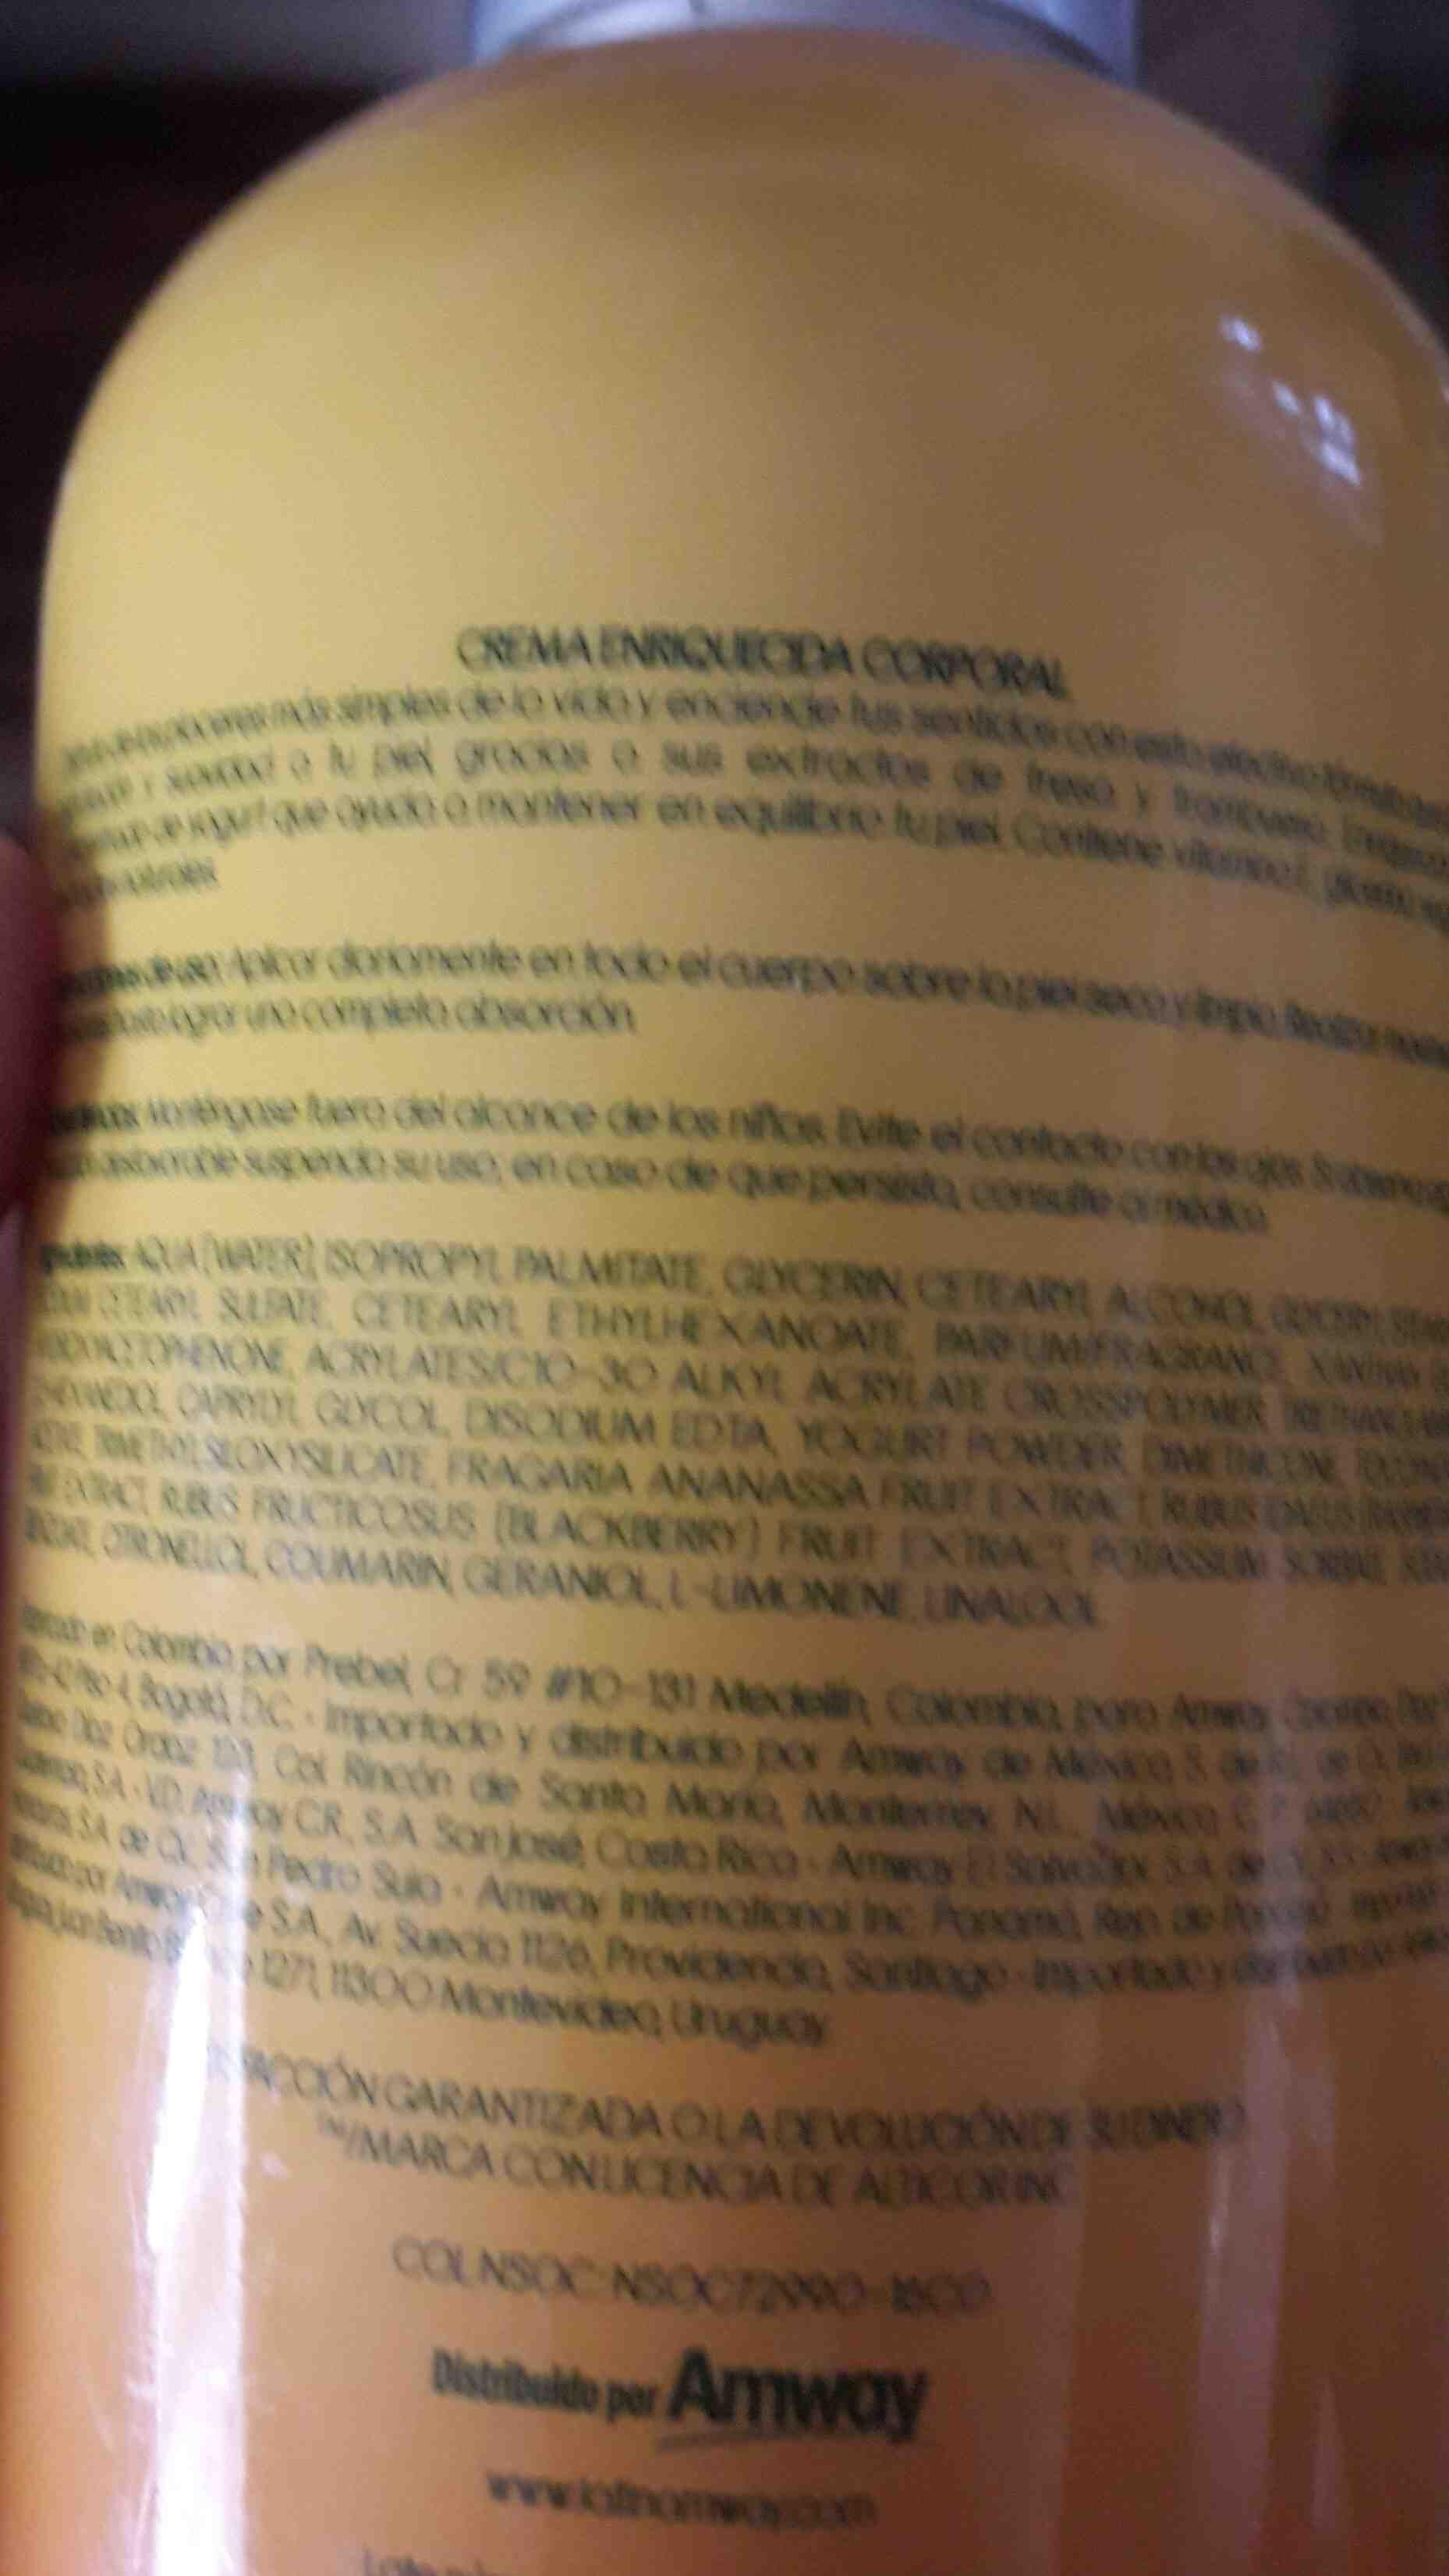 ertia crema 300 ml - Ingredients - en